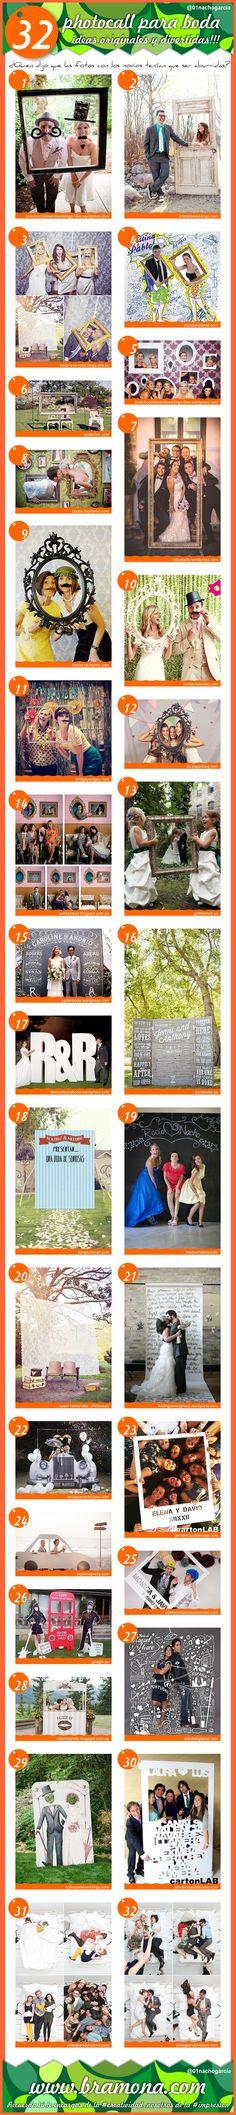 Quien dijo que las fotos con los novios tenían que ser aburridas? 32 photocall para boda, ideas originales y divertidas!!!